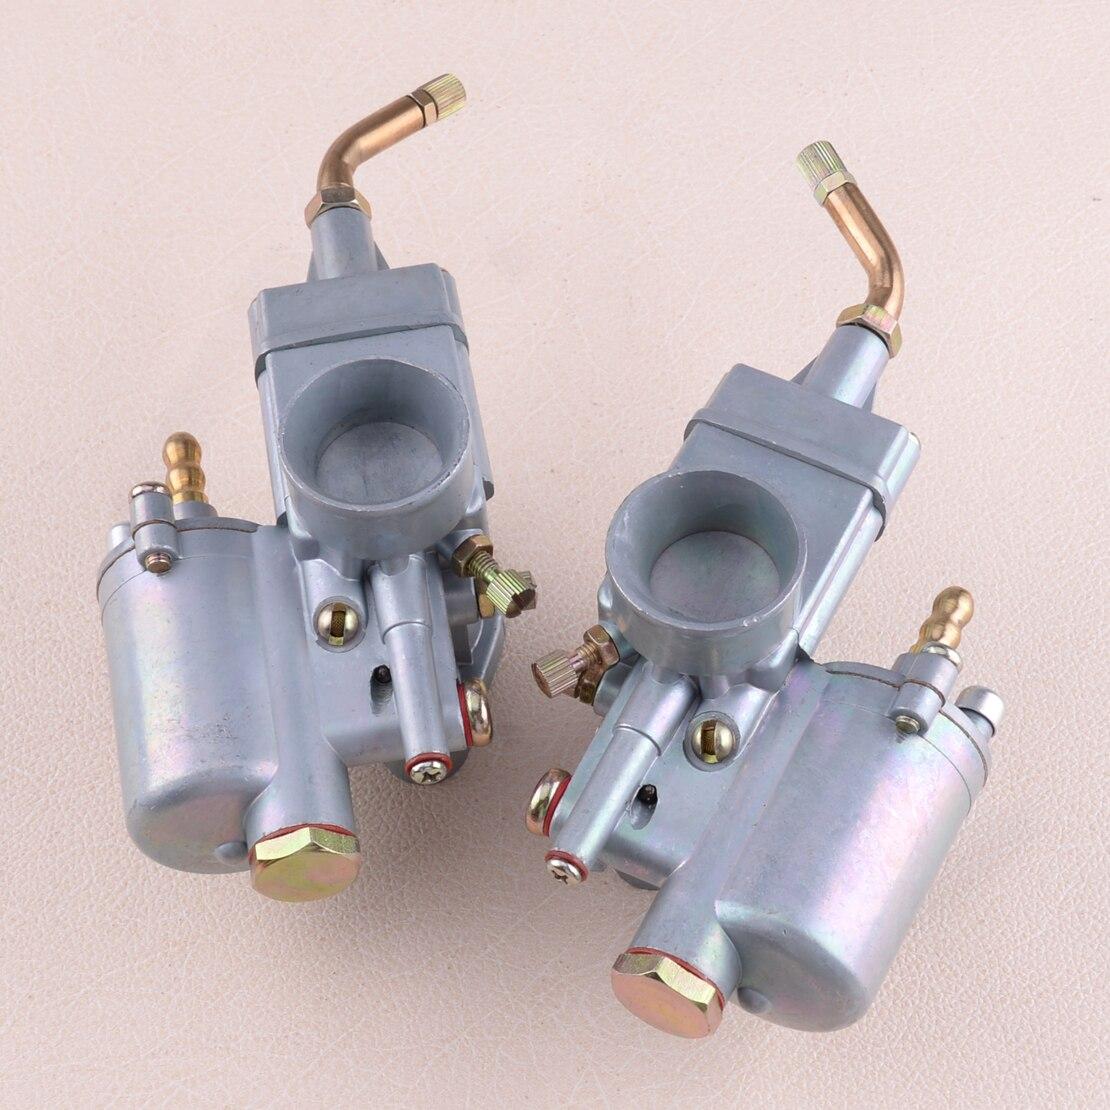 CITALL 1 paire gauche & droite 28mm paire de carburateur carburateur Carby adapté pour K302 BMW M72 MT URAL K750 MW Dnepr